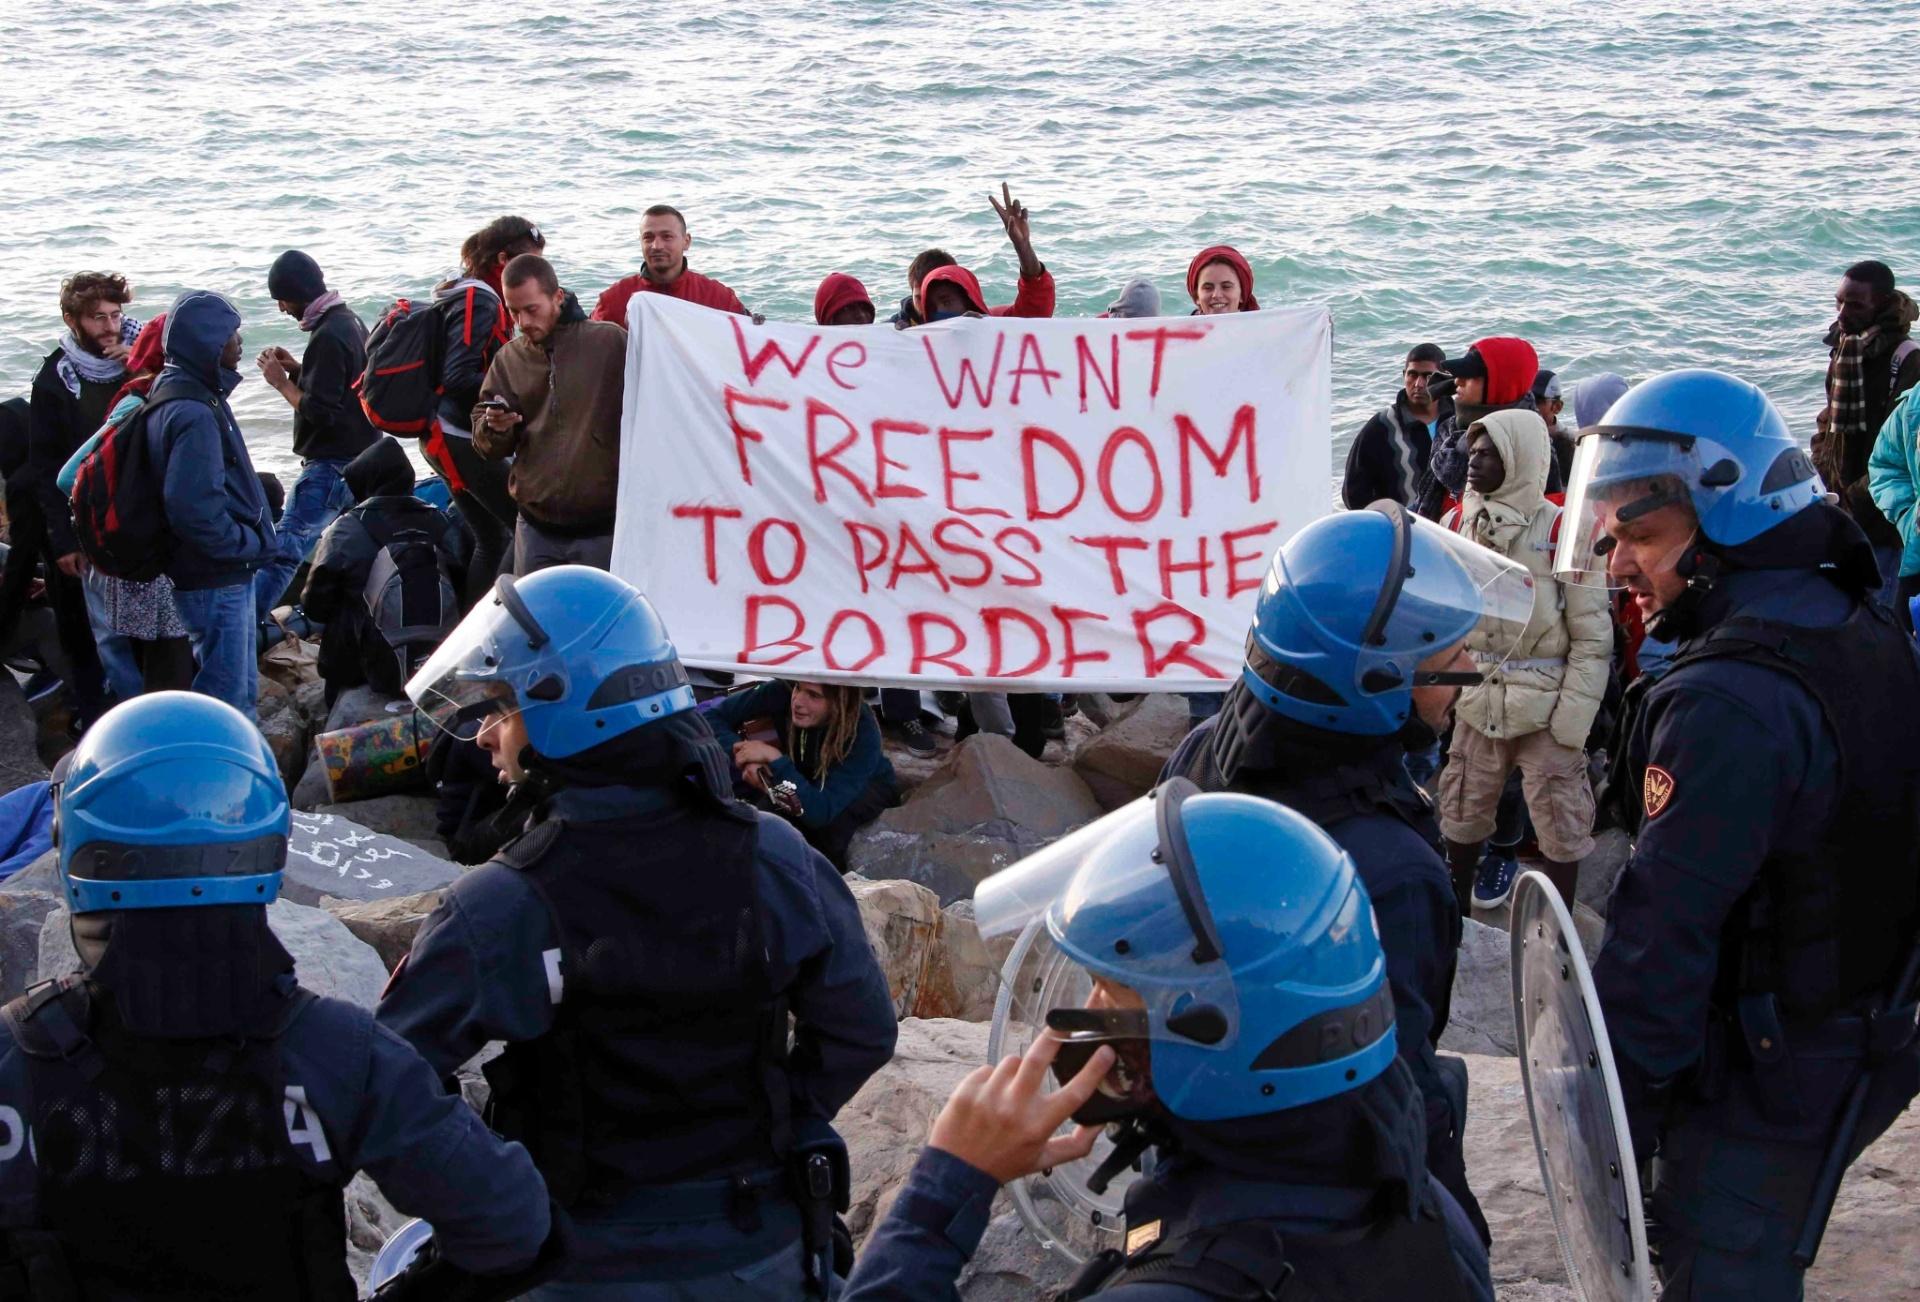 30.set.2015 - Refugiados expulsos de acampamento em Ventimiglia, na fronteira franco-italiana, protestam pelo direito de atravessá-la. Mais cedo, policiais italianos desmantelaram um acampamento de 50 pessoas pela falta de pagamento de eletricidade e de água. O grupo se instalou em uma área de costa com a ajuda de ativistas